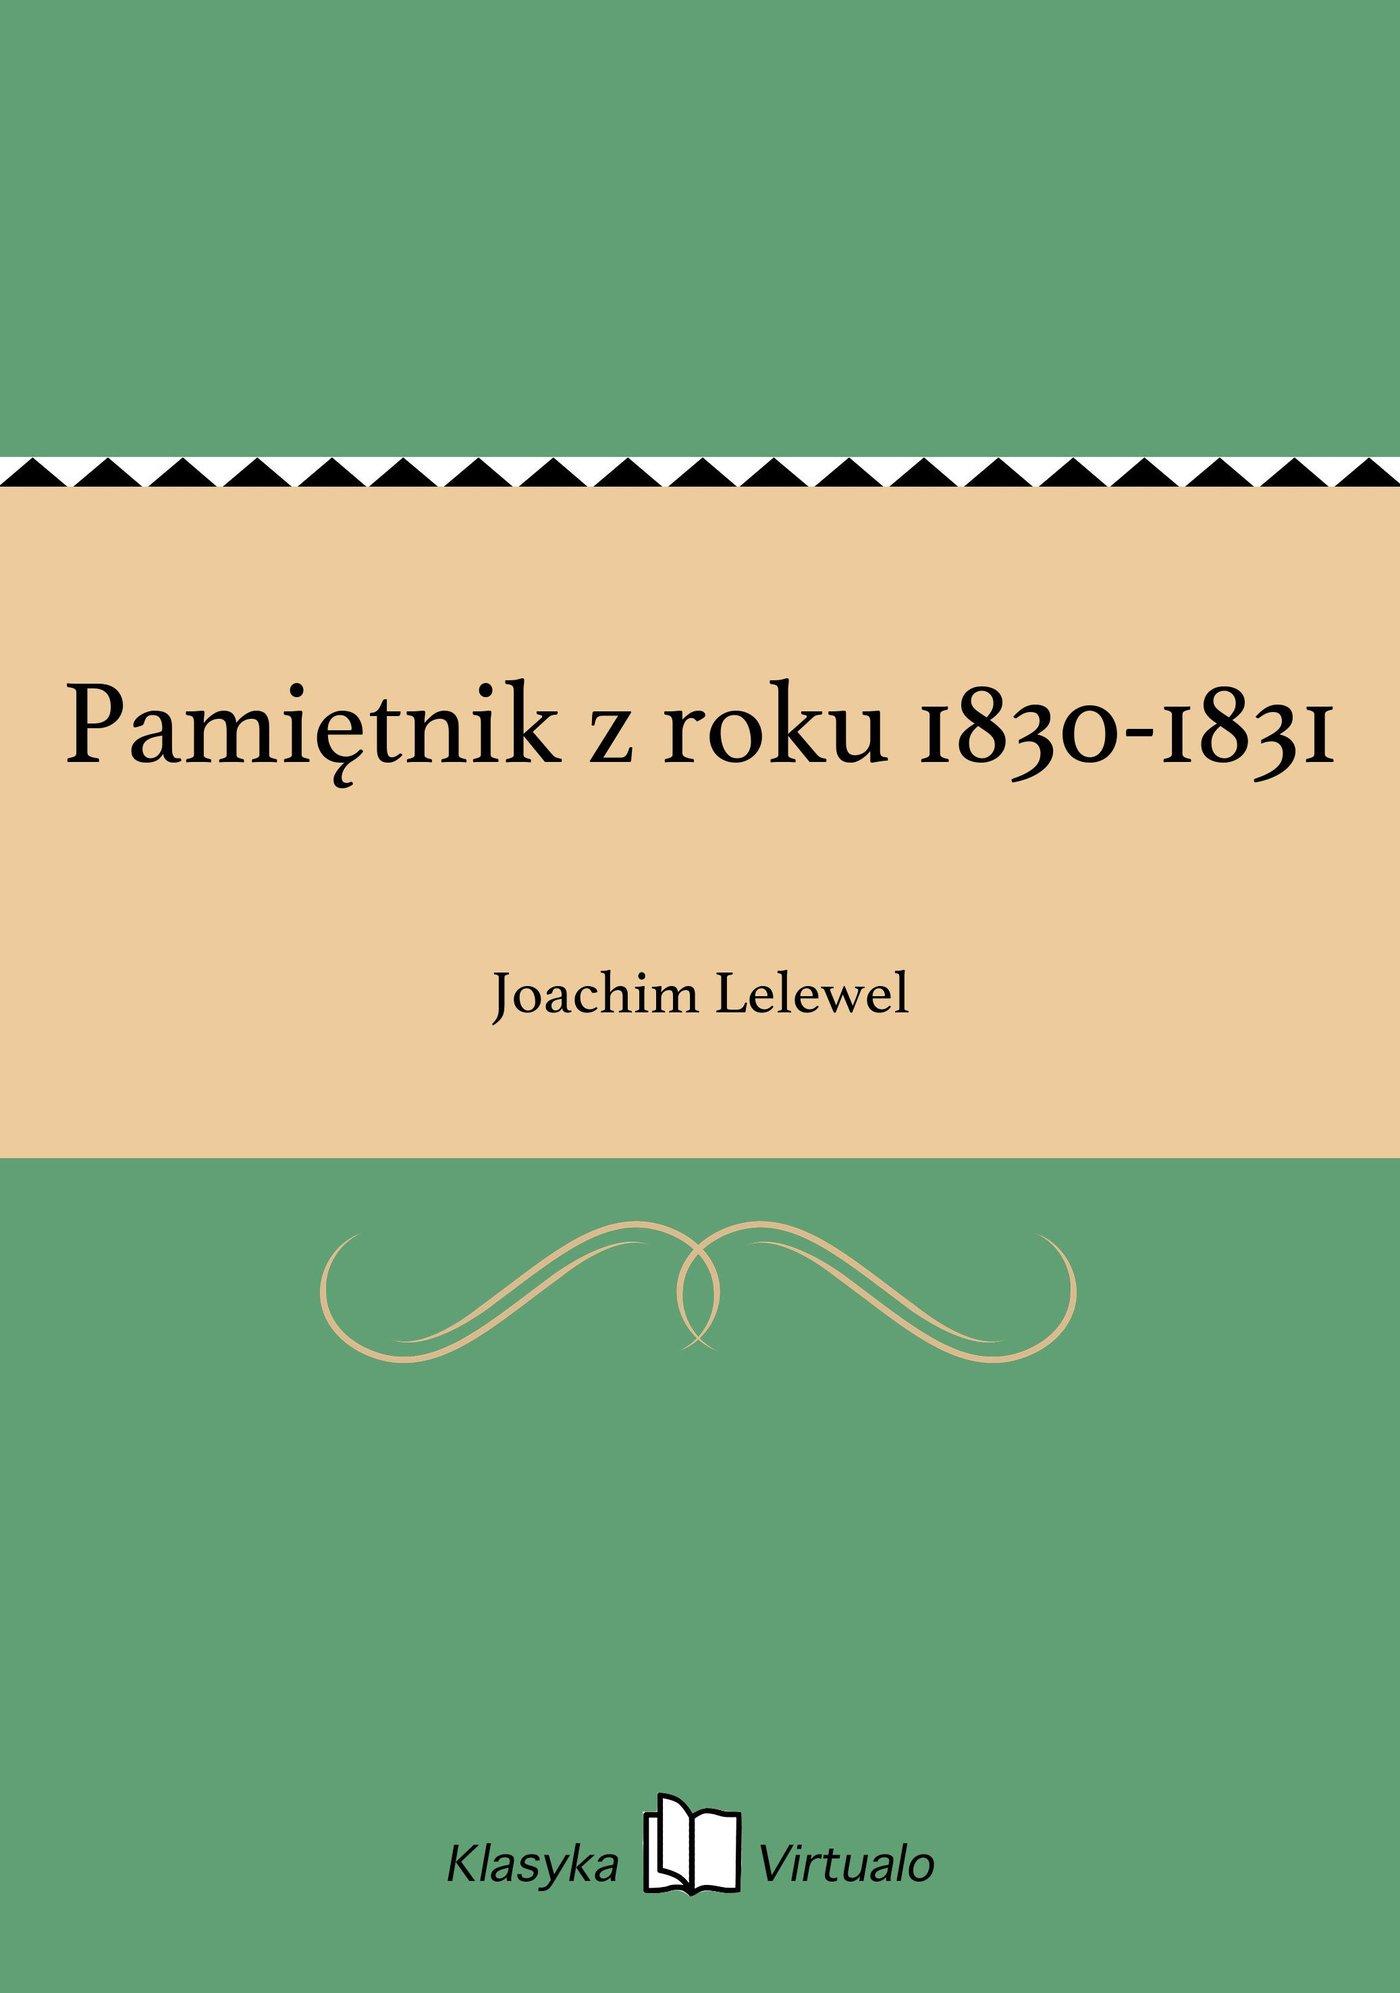 Pamiętnik z roku 1830-1831 - Ebook (Książka EPUB) do pobrania w formacie EPUB